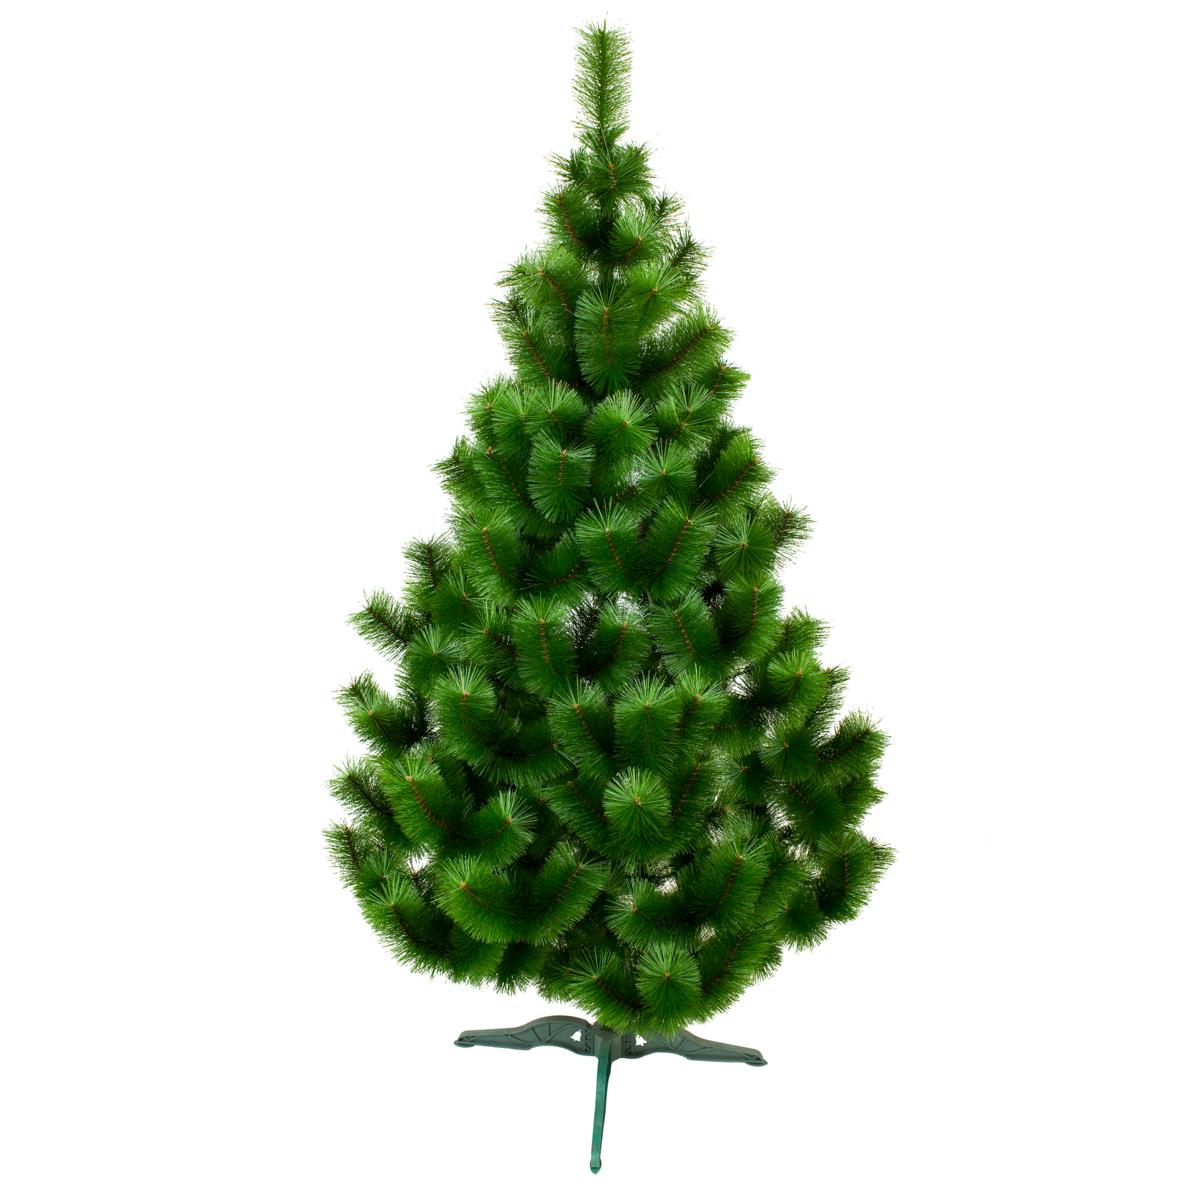 Сосна искусственная Микс 1.8 метра зеленая. Новогодняя Сосна ПВХ МИКС 180см